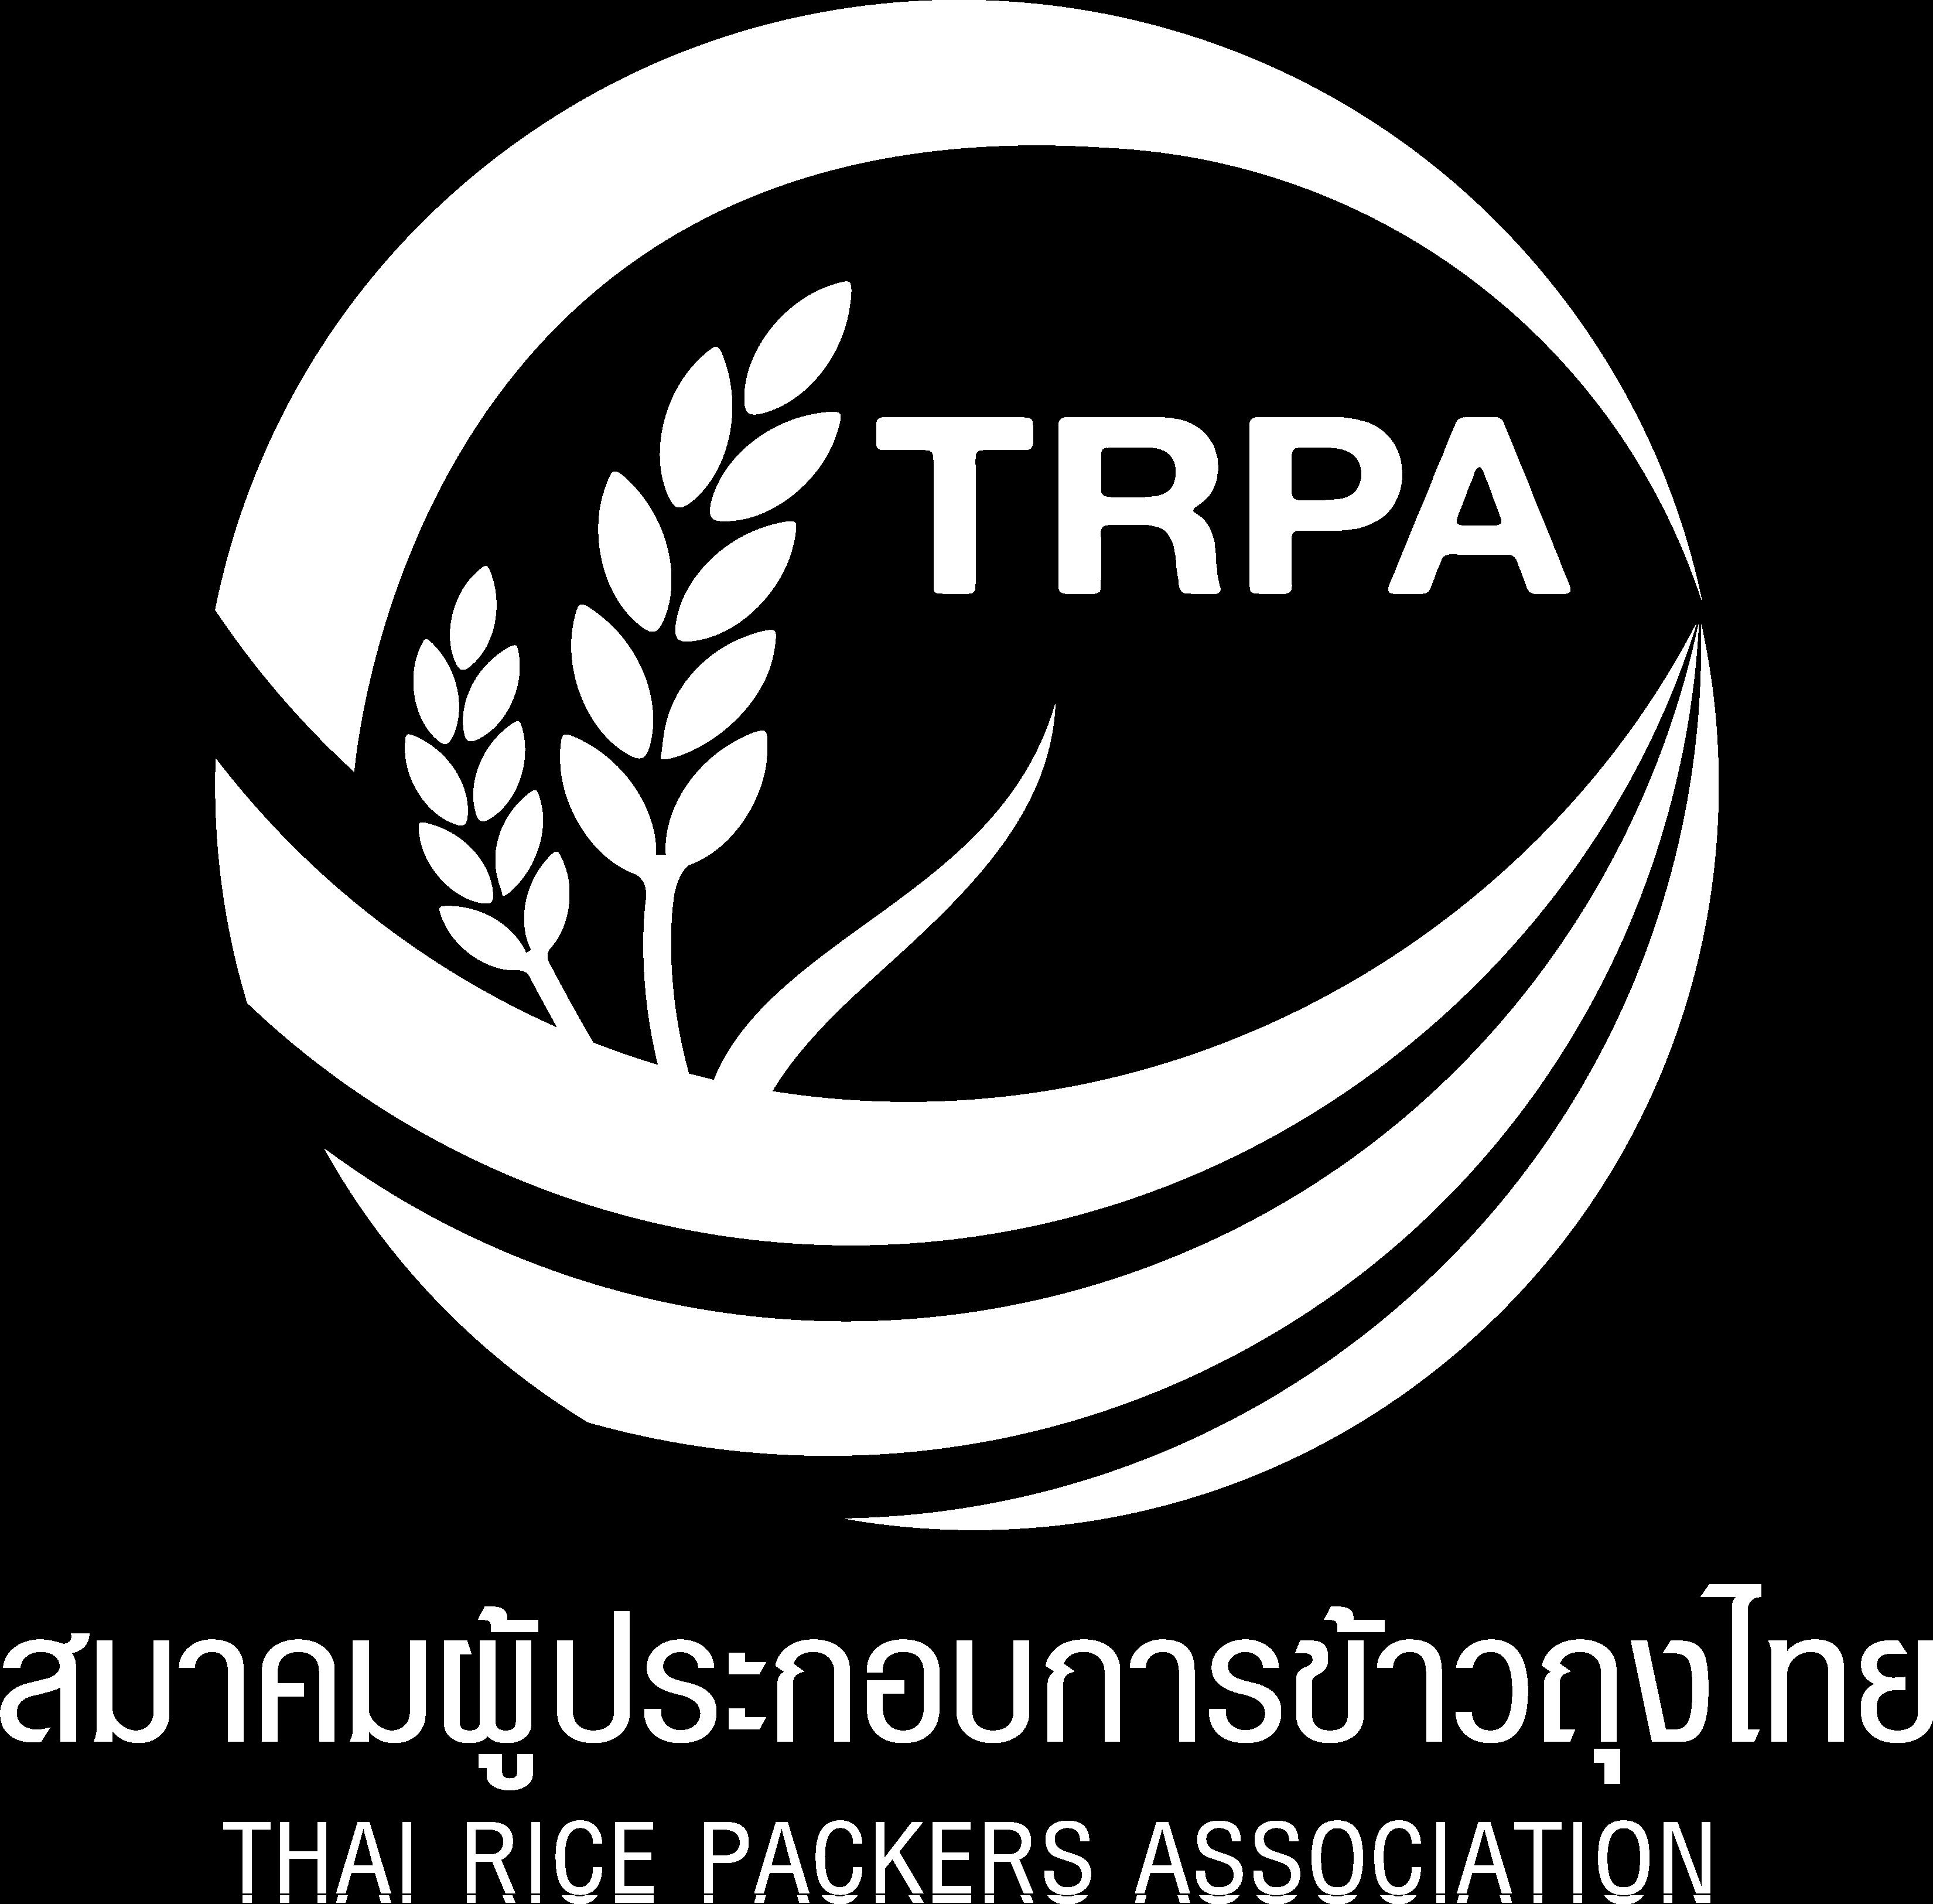 สมาคมผู้ประกอบการข้าวถุงไทย